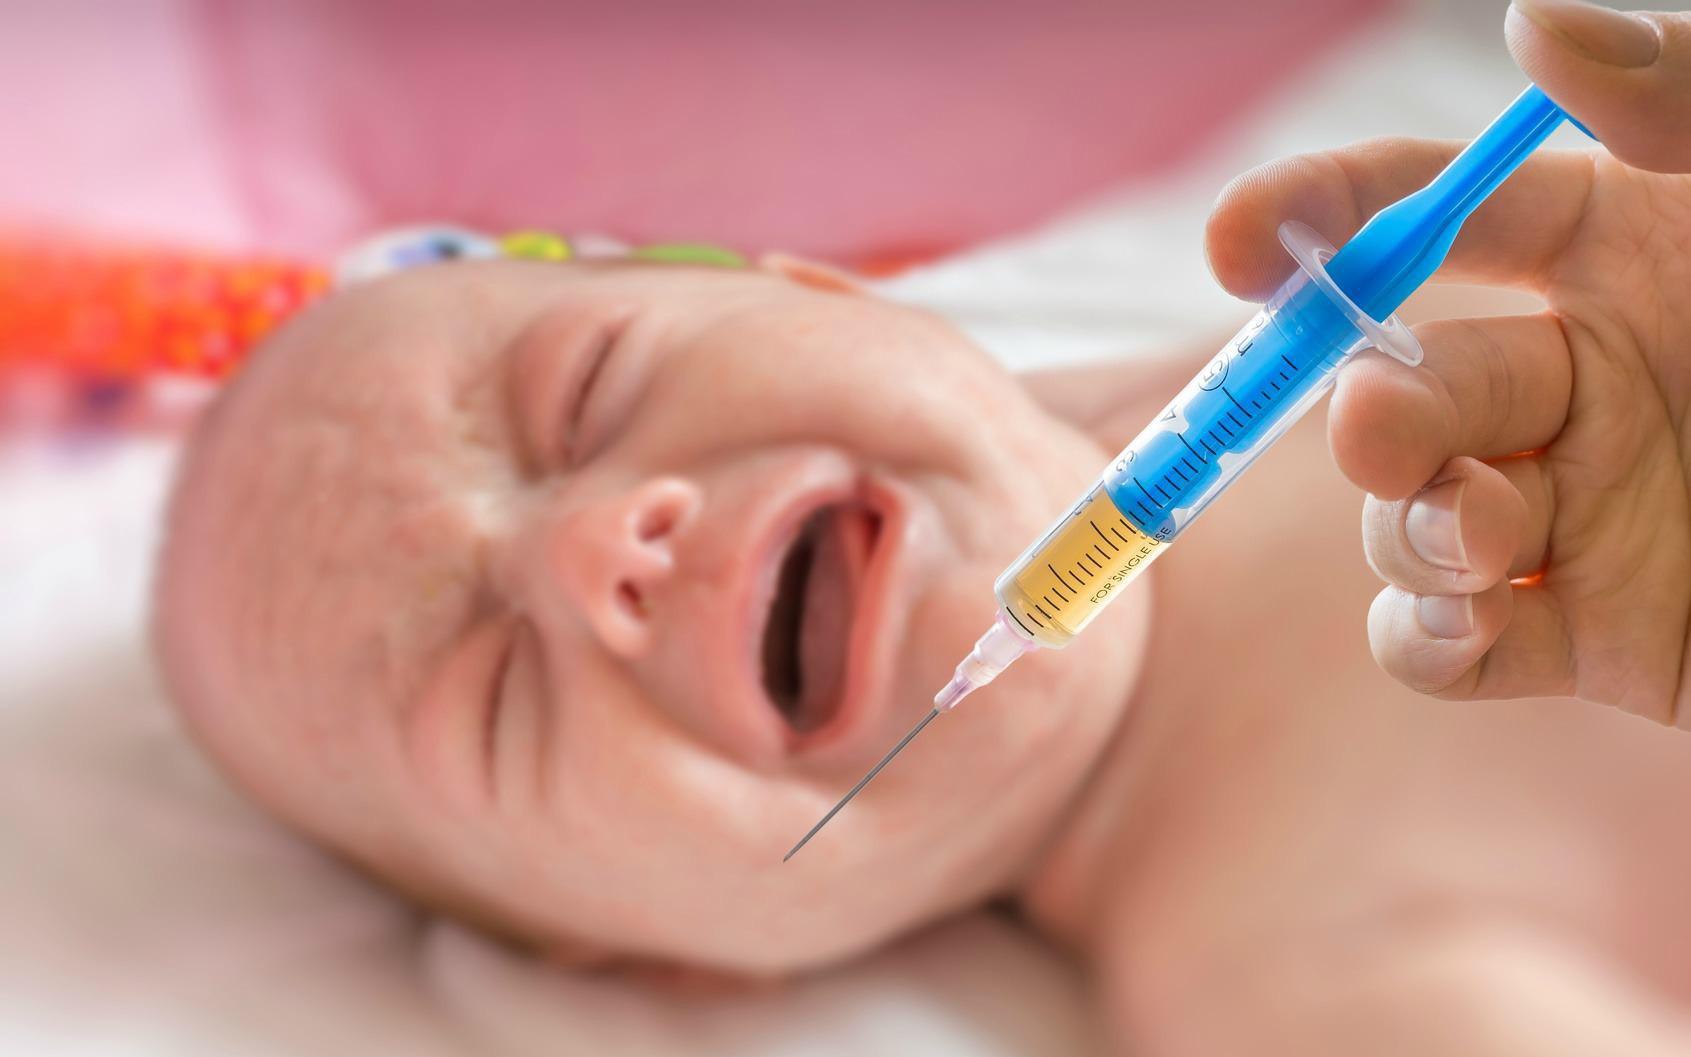 """Báo động đỏ: Phong trào """"tẩy chay"""" vaccine khiến dịch sởi bùng phát trên thế giới, rủi ro tính mạng không thể lường trước được - Ảnh 1."""